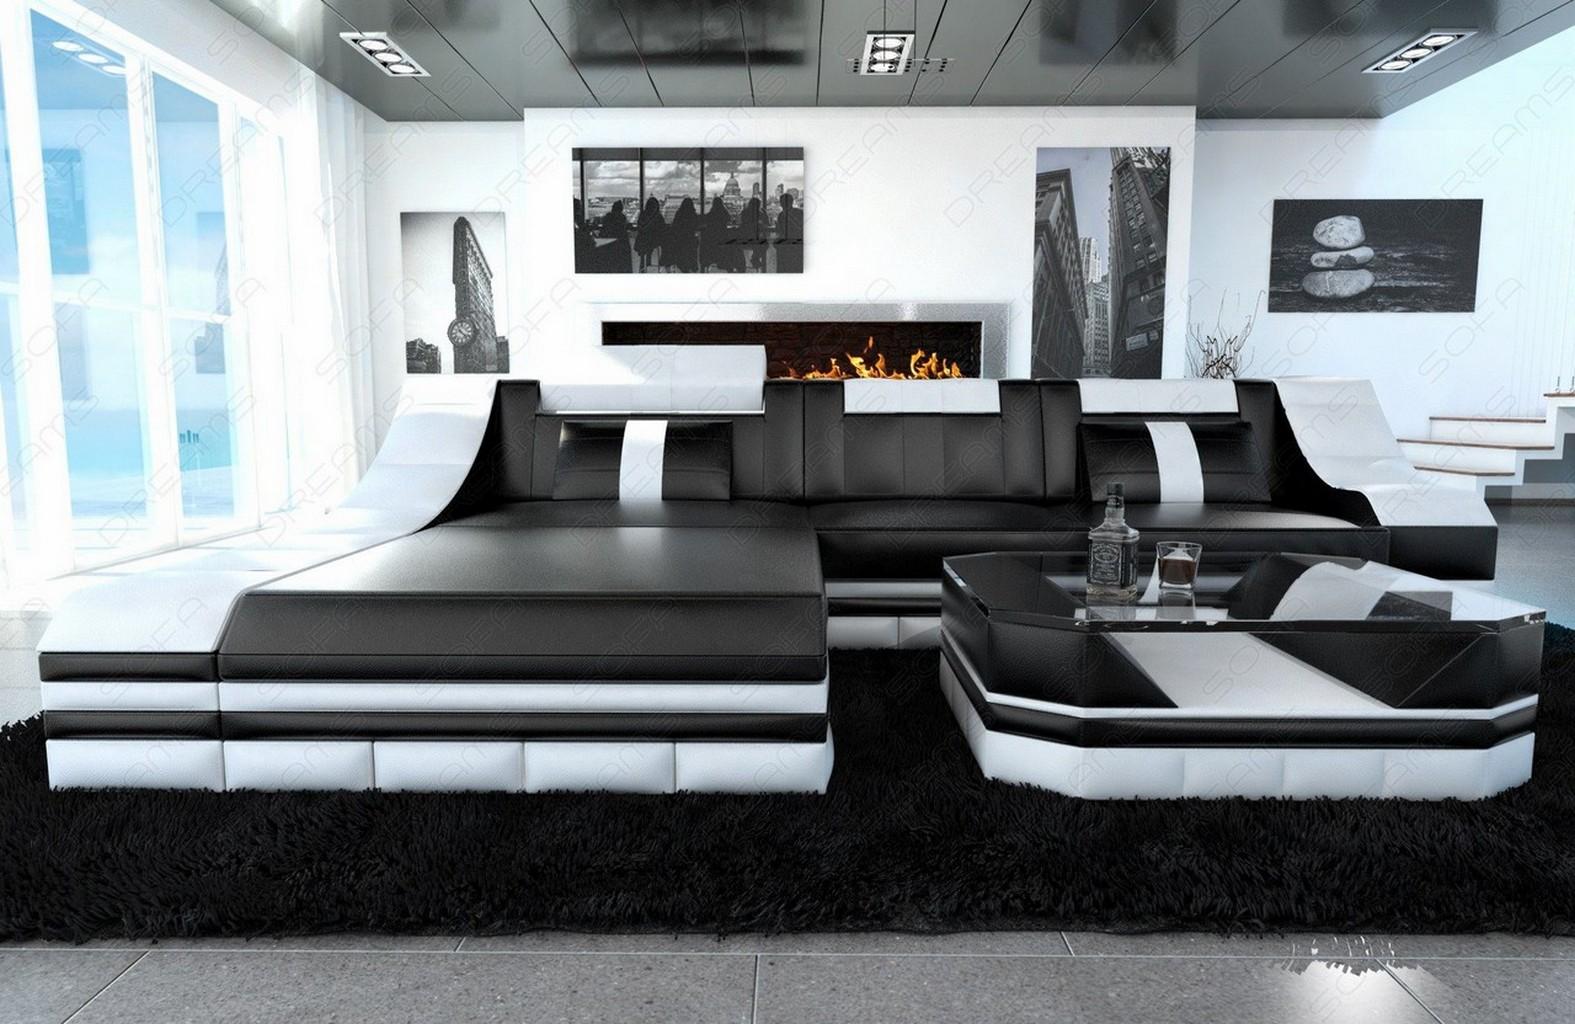 Ledersofa turino l form mit led licht luxus eckcouch schwarz wei lagerware ebay for Einfach schlafzimmer schwarz weis